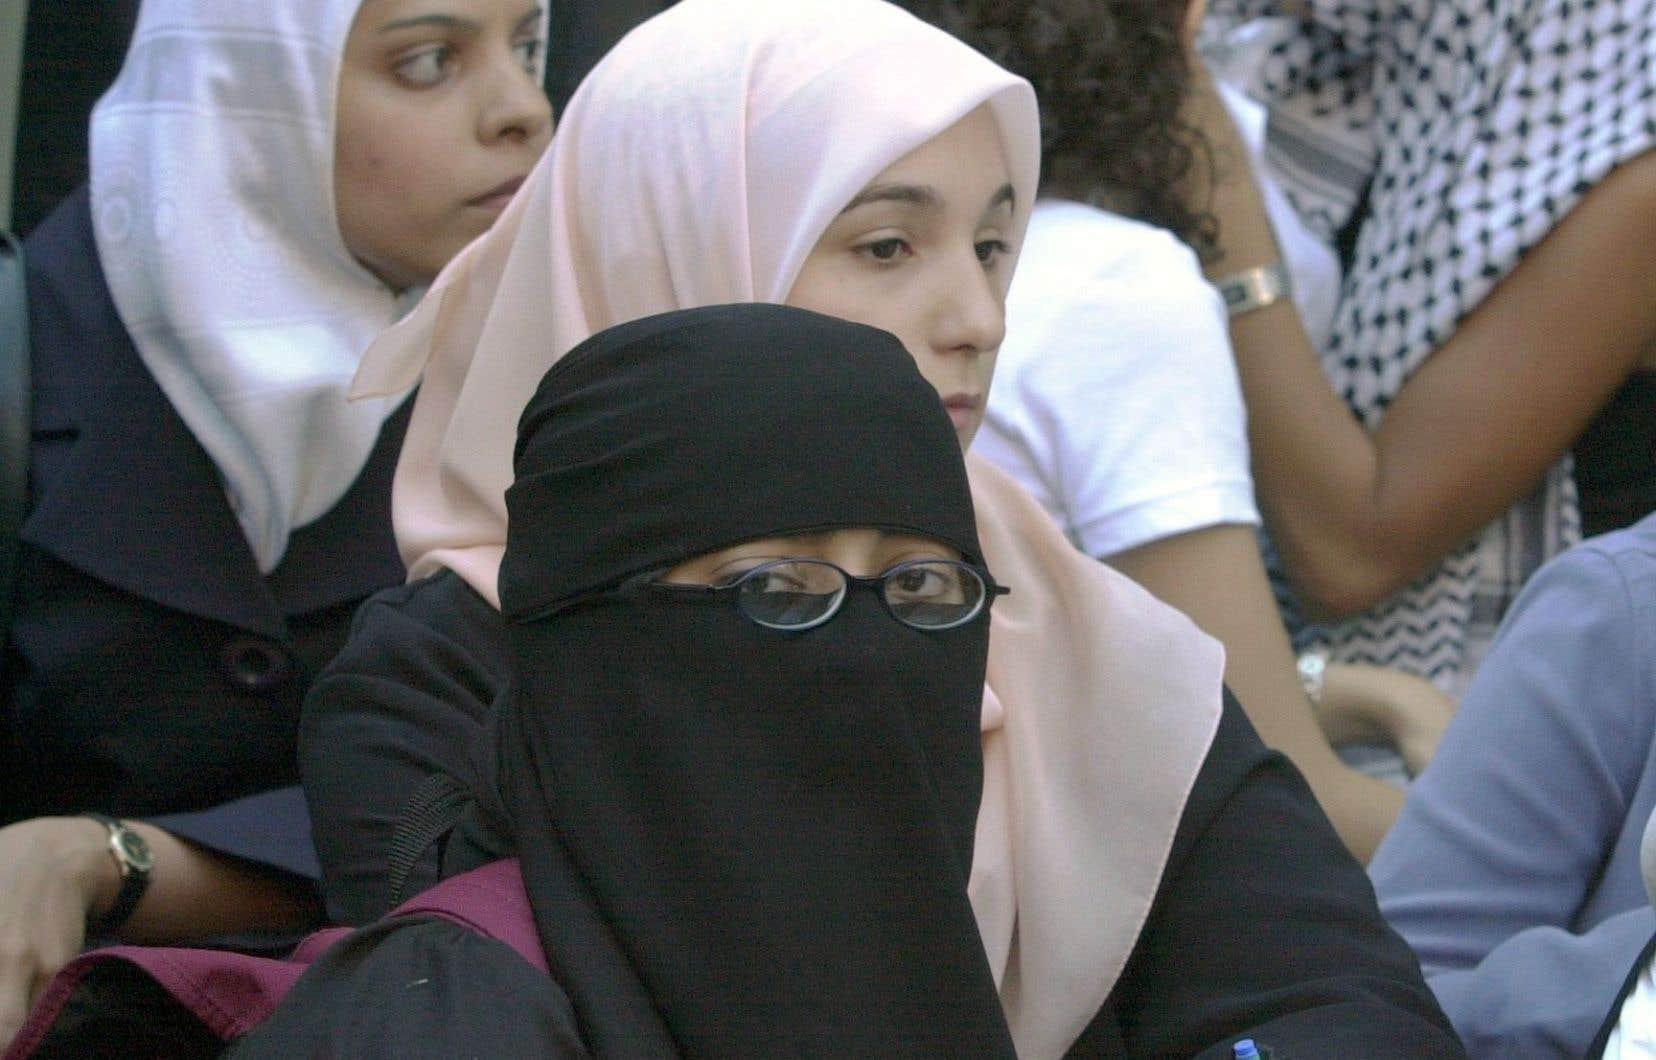 La Ligue des droits et libertés a exigé le retrait pur et simple du projet de loi 62, l'article 9 ayant «une portée discriminatoire, constituant du profilage religieux».